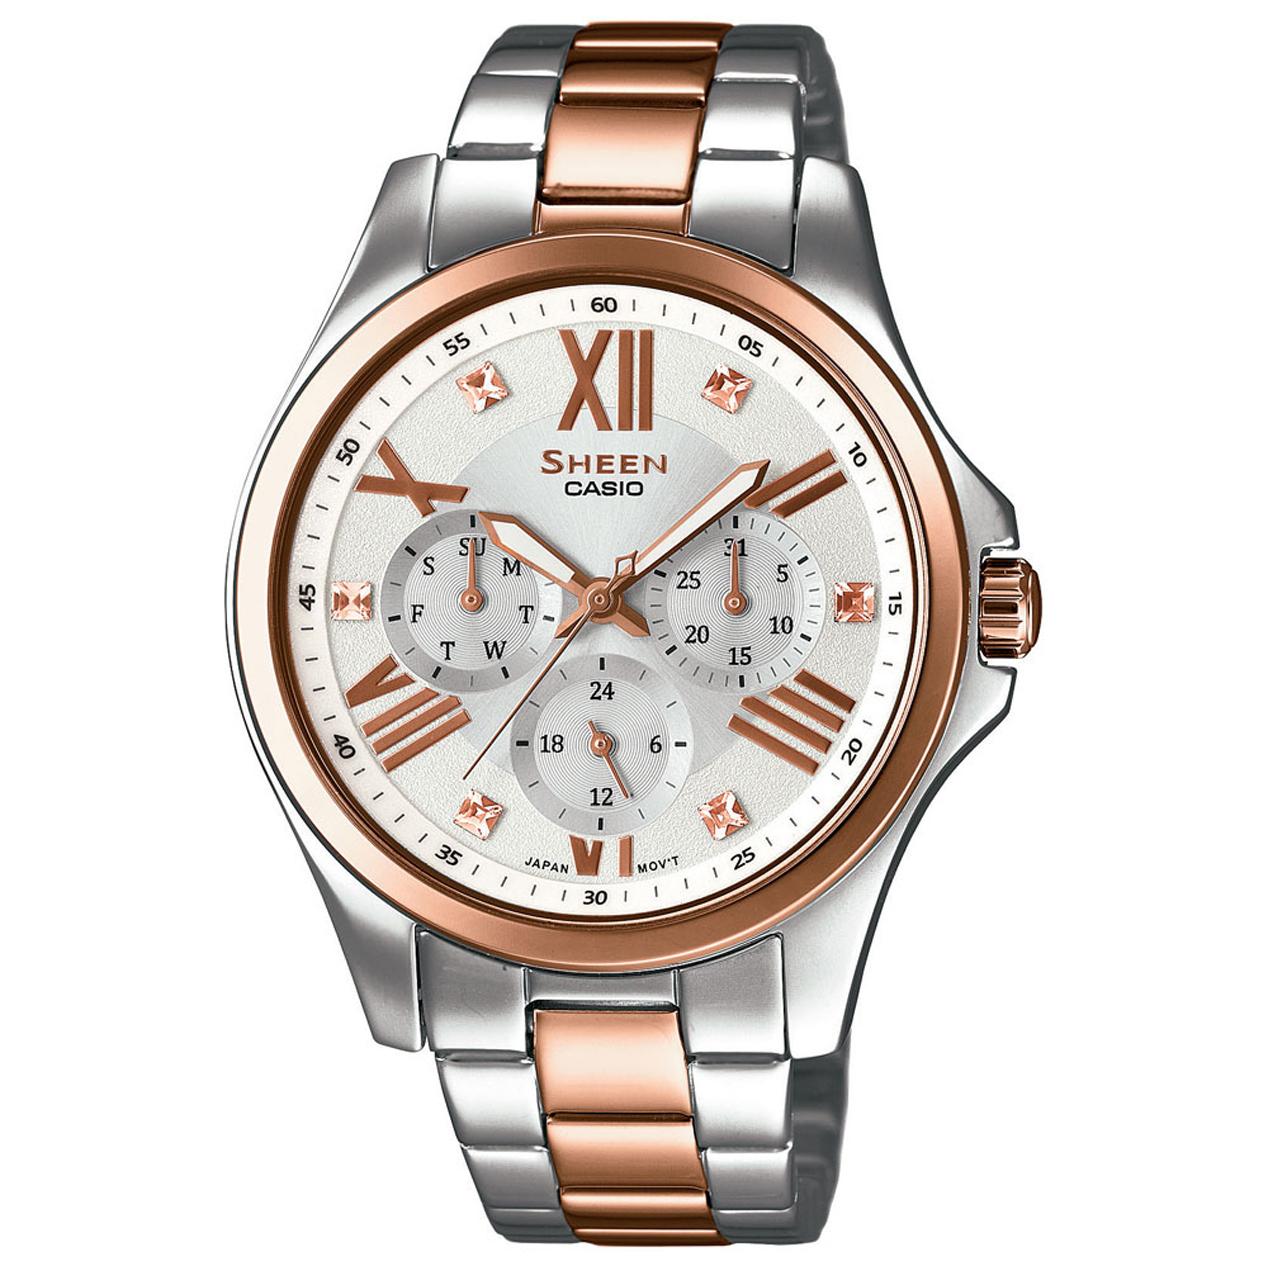 خرید ساعت مچی عقربه ای زنانه کاسیو مدل SHE-3806SPG-7AUDR